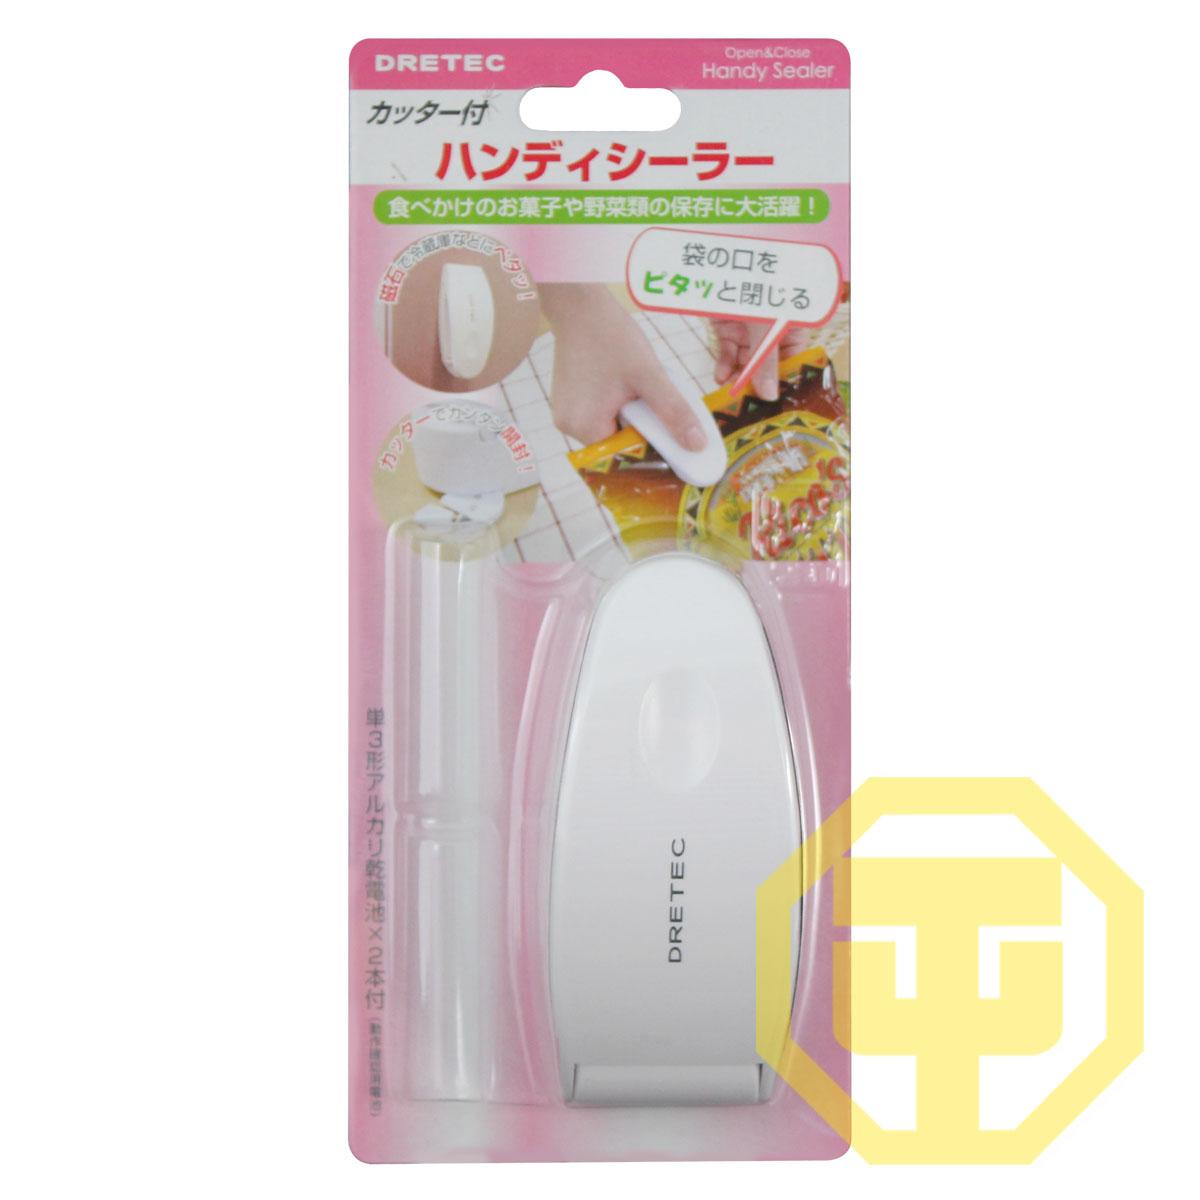 日本dretec多利科 封口器家用手压 便携 封袋机HS-106 包邮